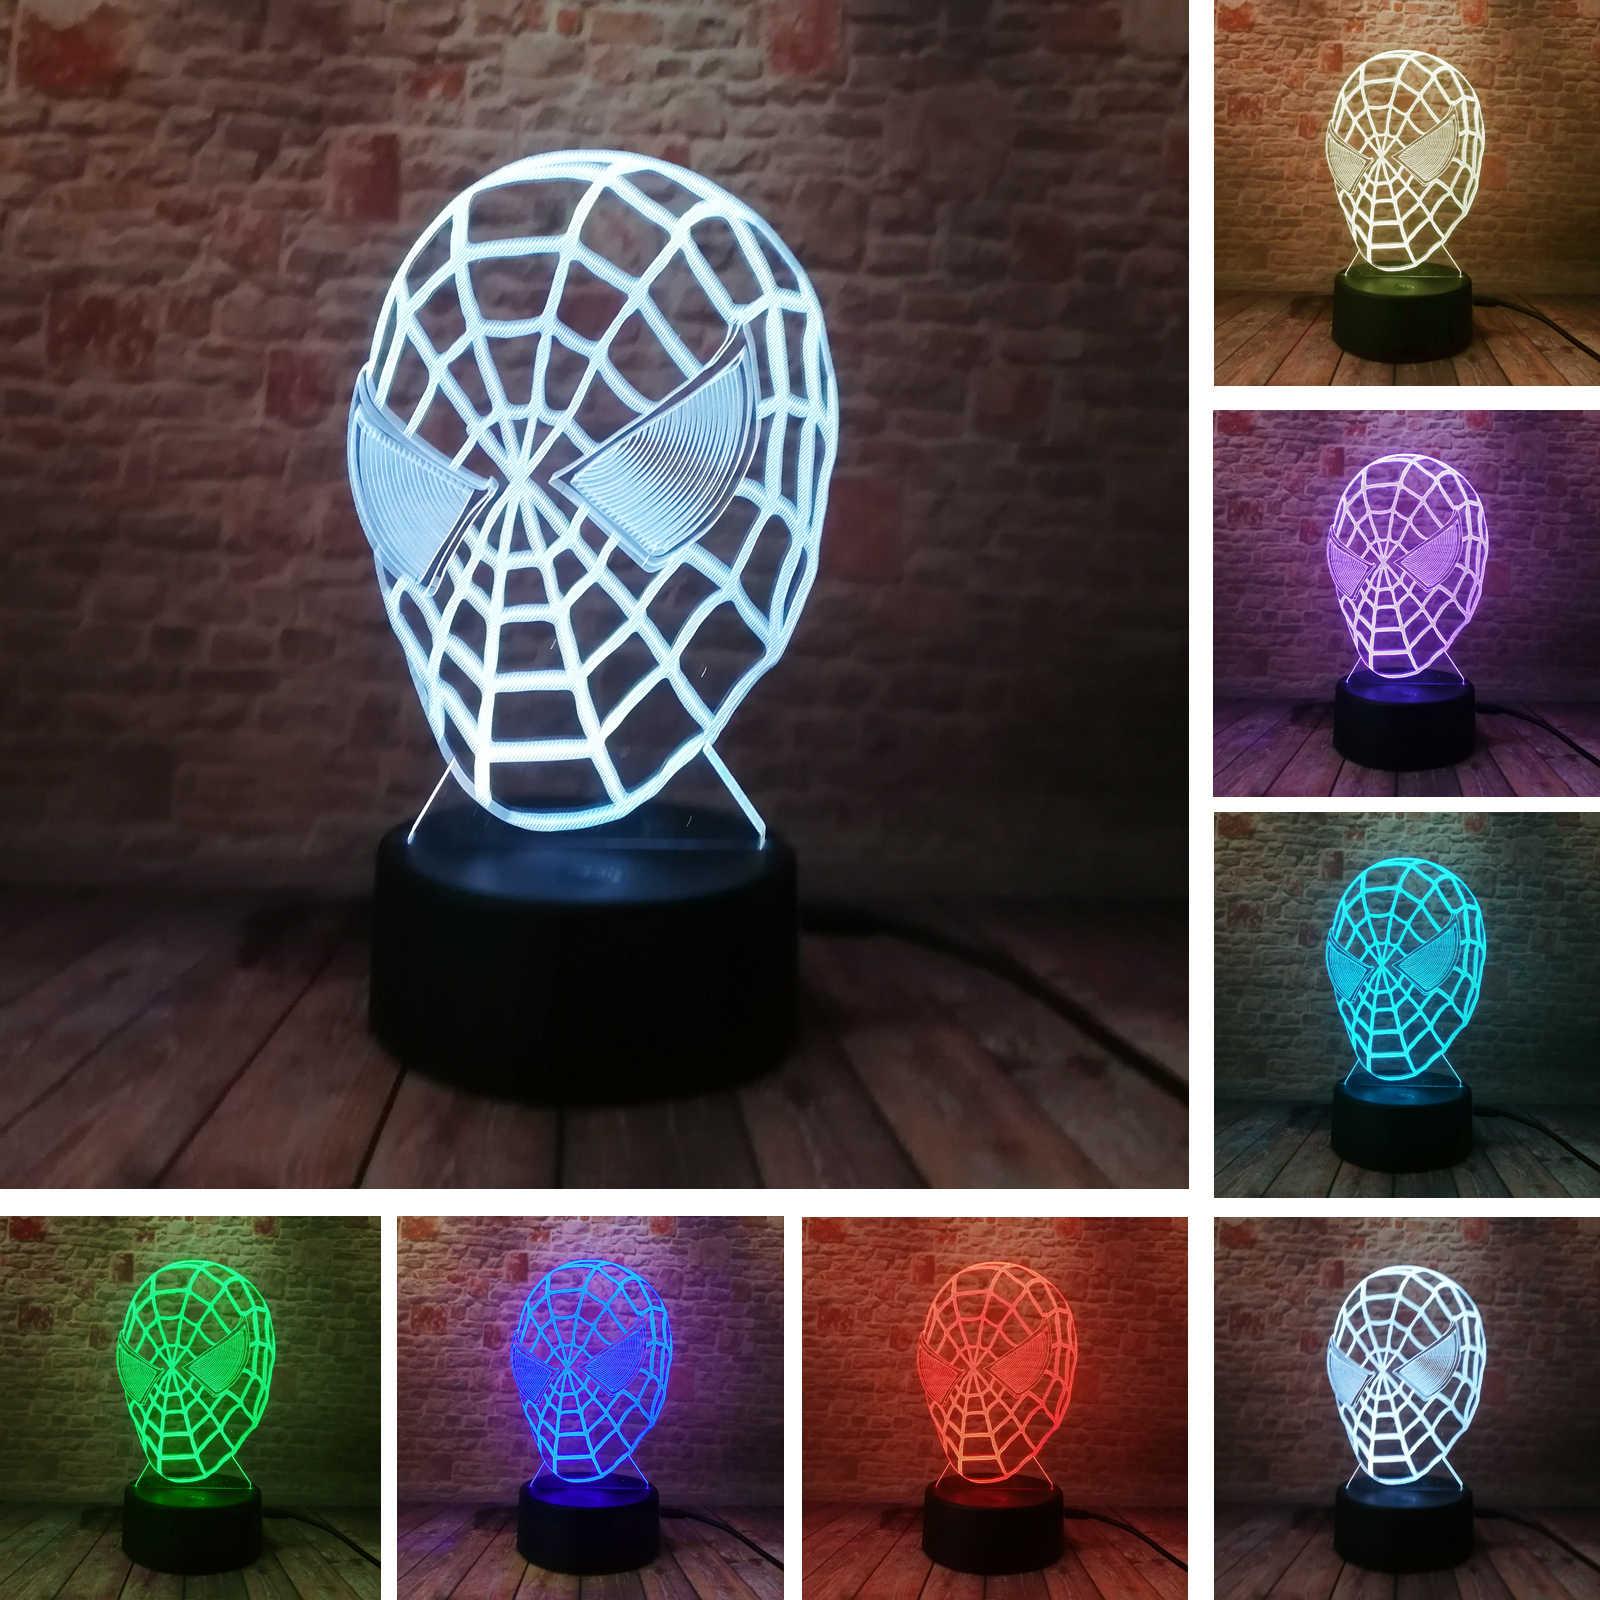 5 lámpara de figura 3D de Spiderman de superhéroes Led de 7 colores con gradiente para hombre y mujer, lámpara para niños, regalo creativo para dormir, Festival